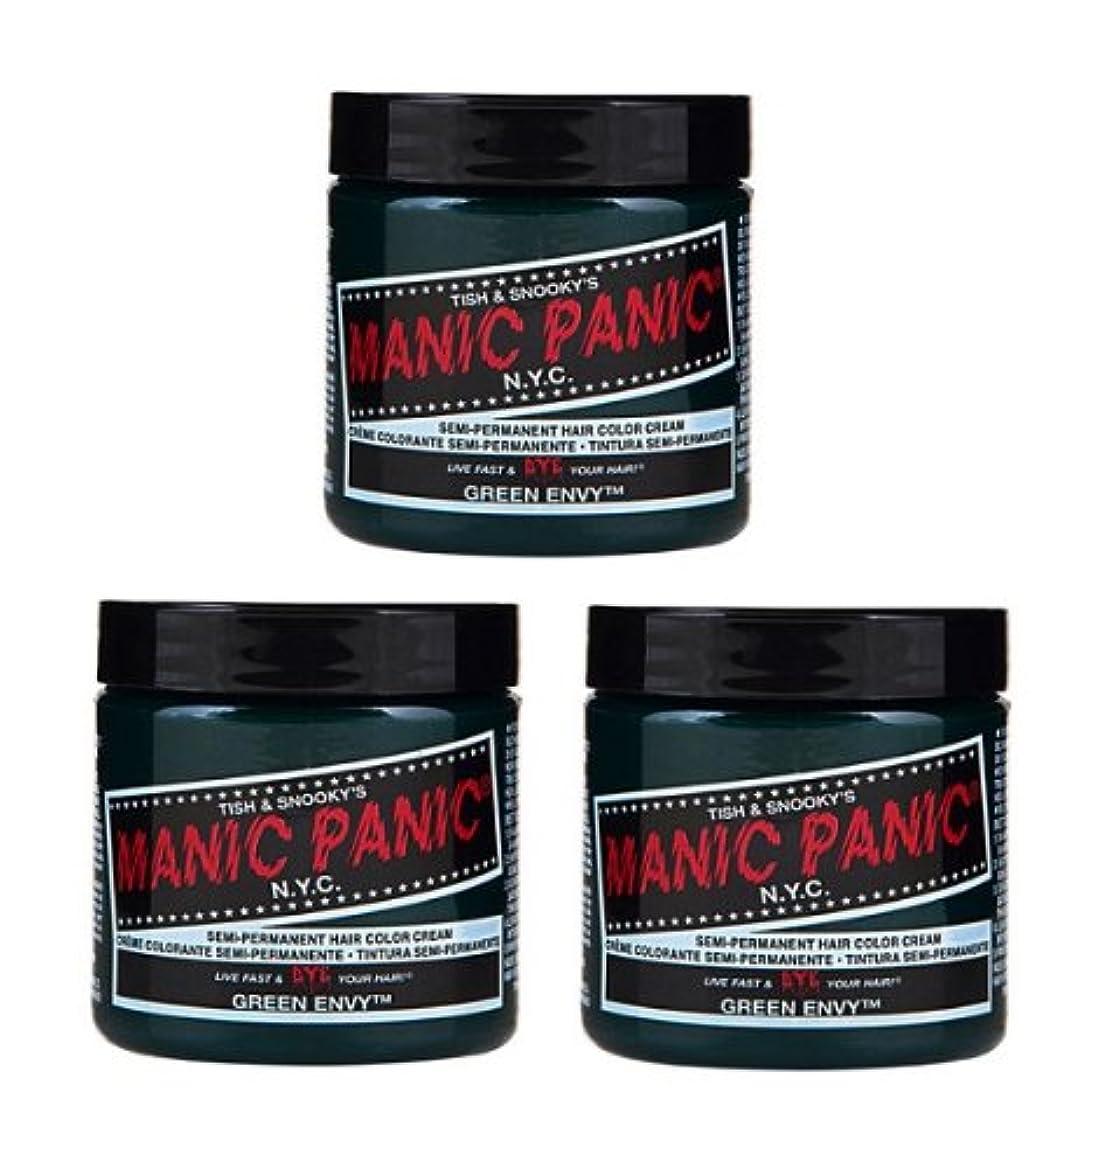 戻す遠近法前書き【3個セット】MANIC PANIC マニックパニック Green Envy グリーンエンヴィ 118ml